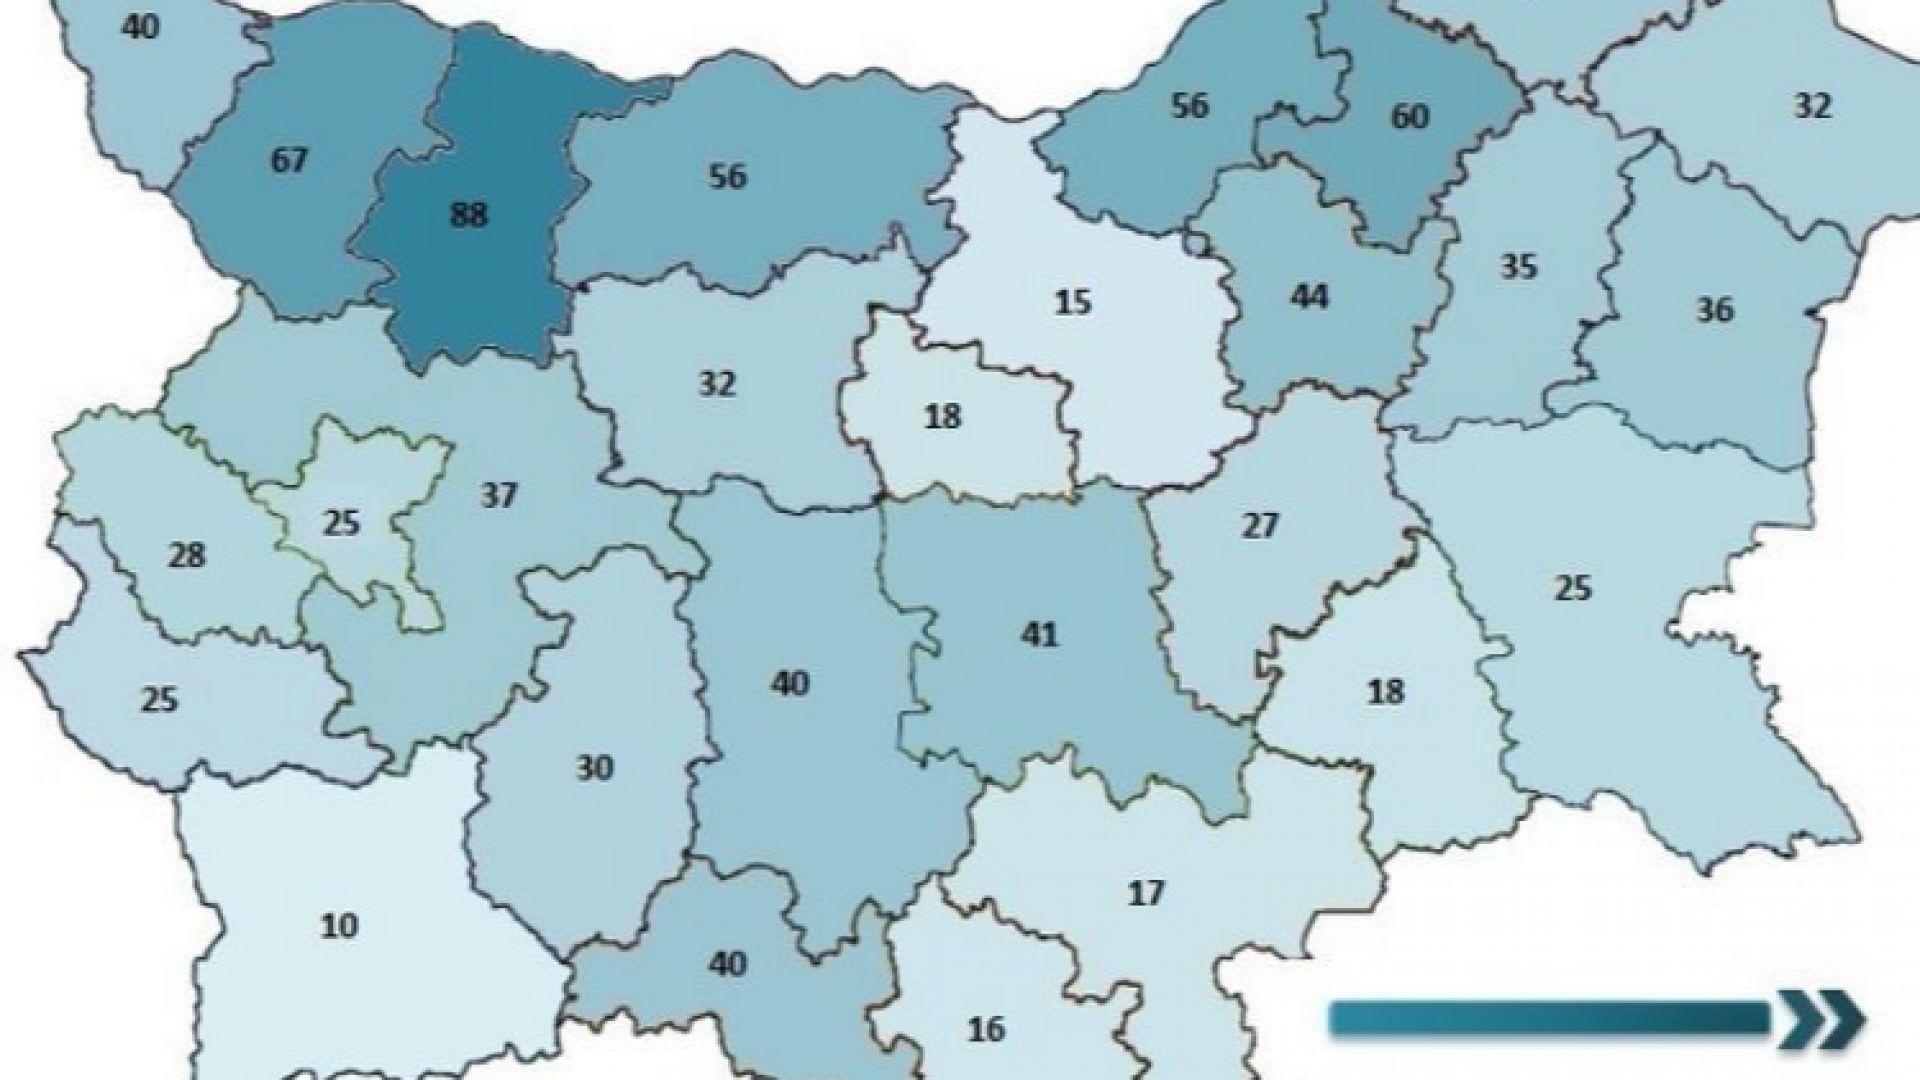 1200  фалита има годишно в България, къде са най-много и къде-най-малко?